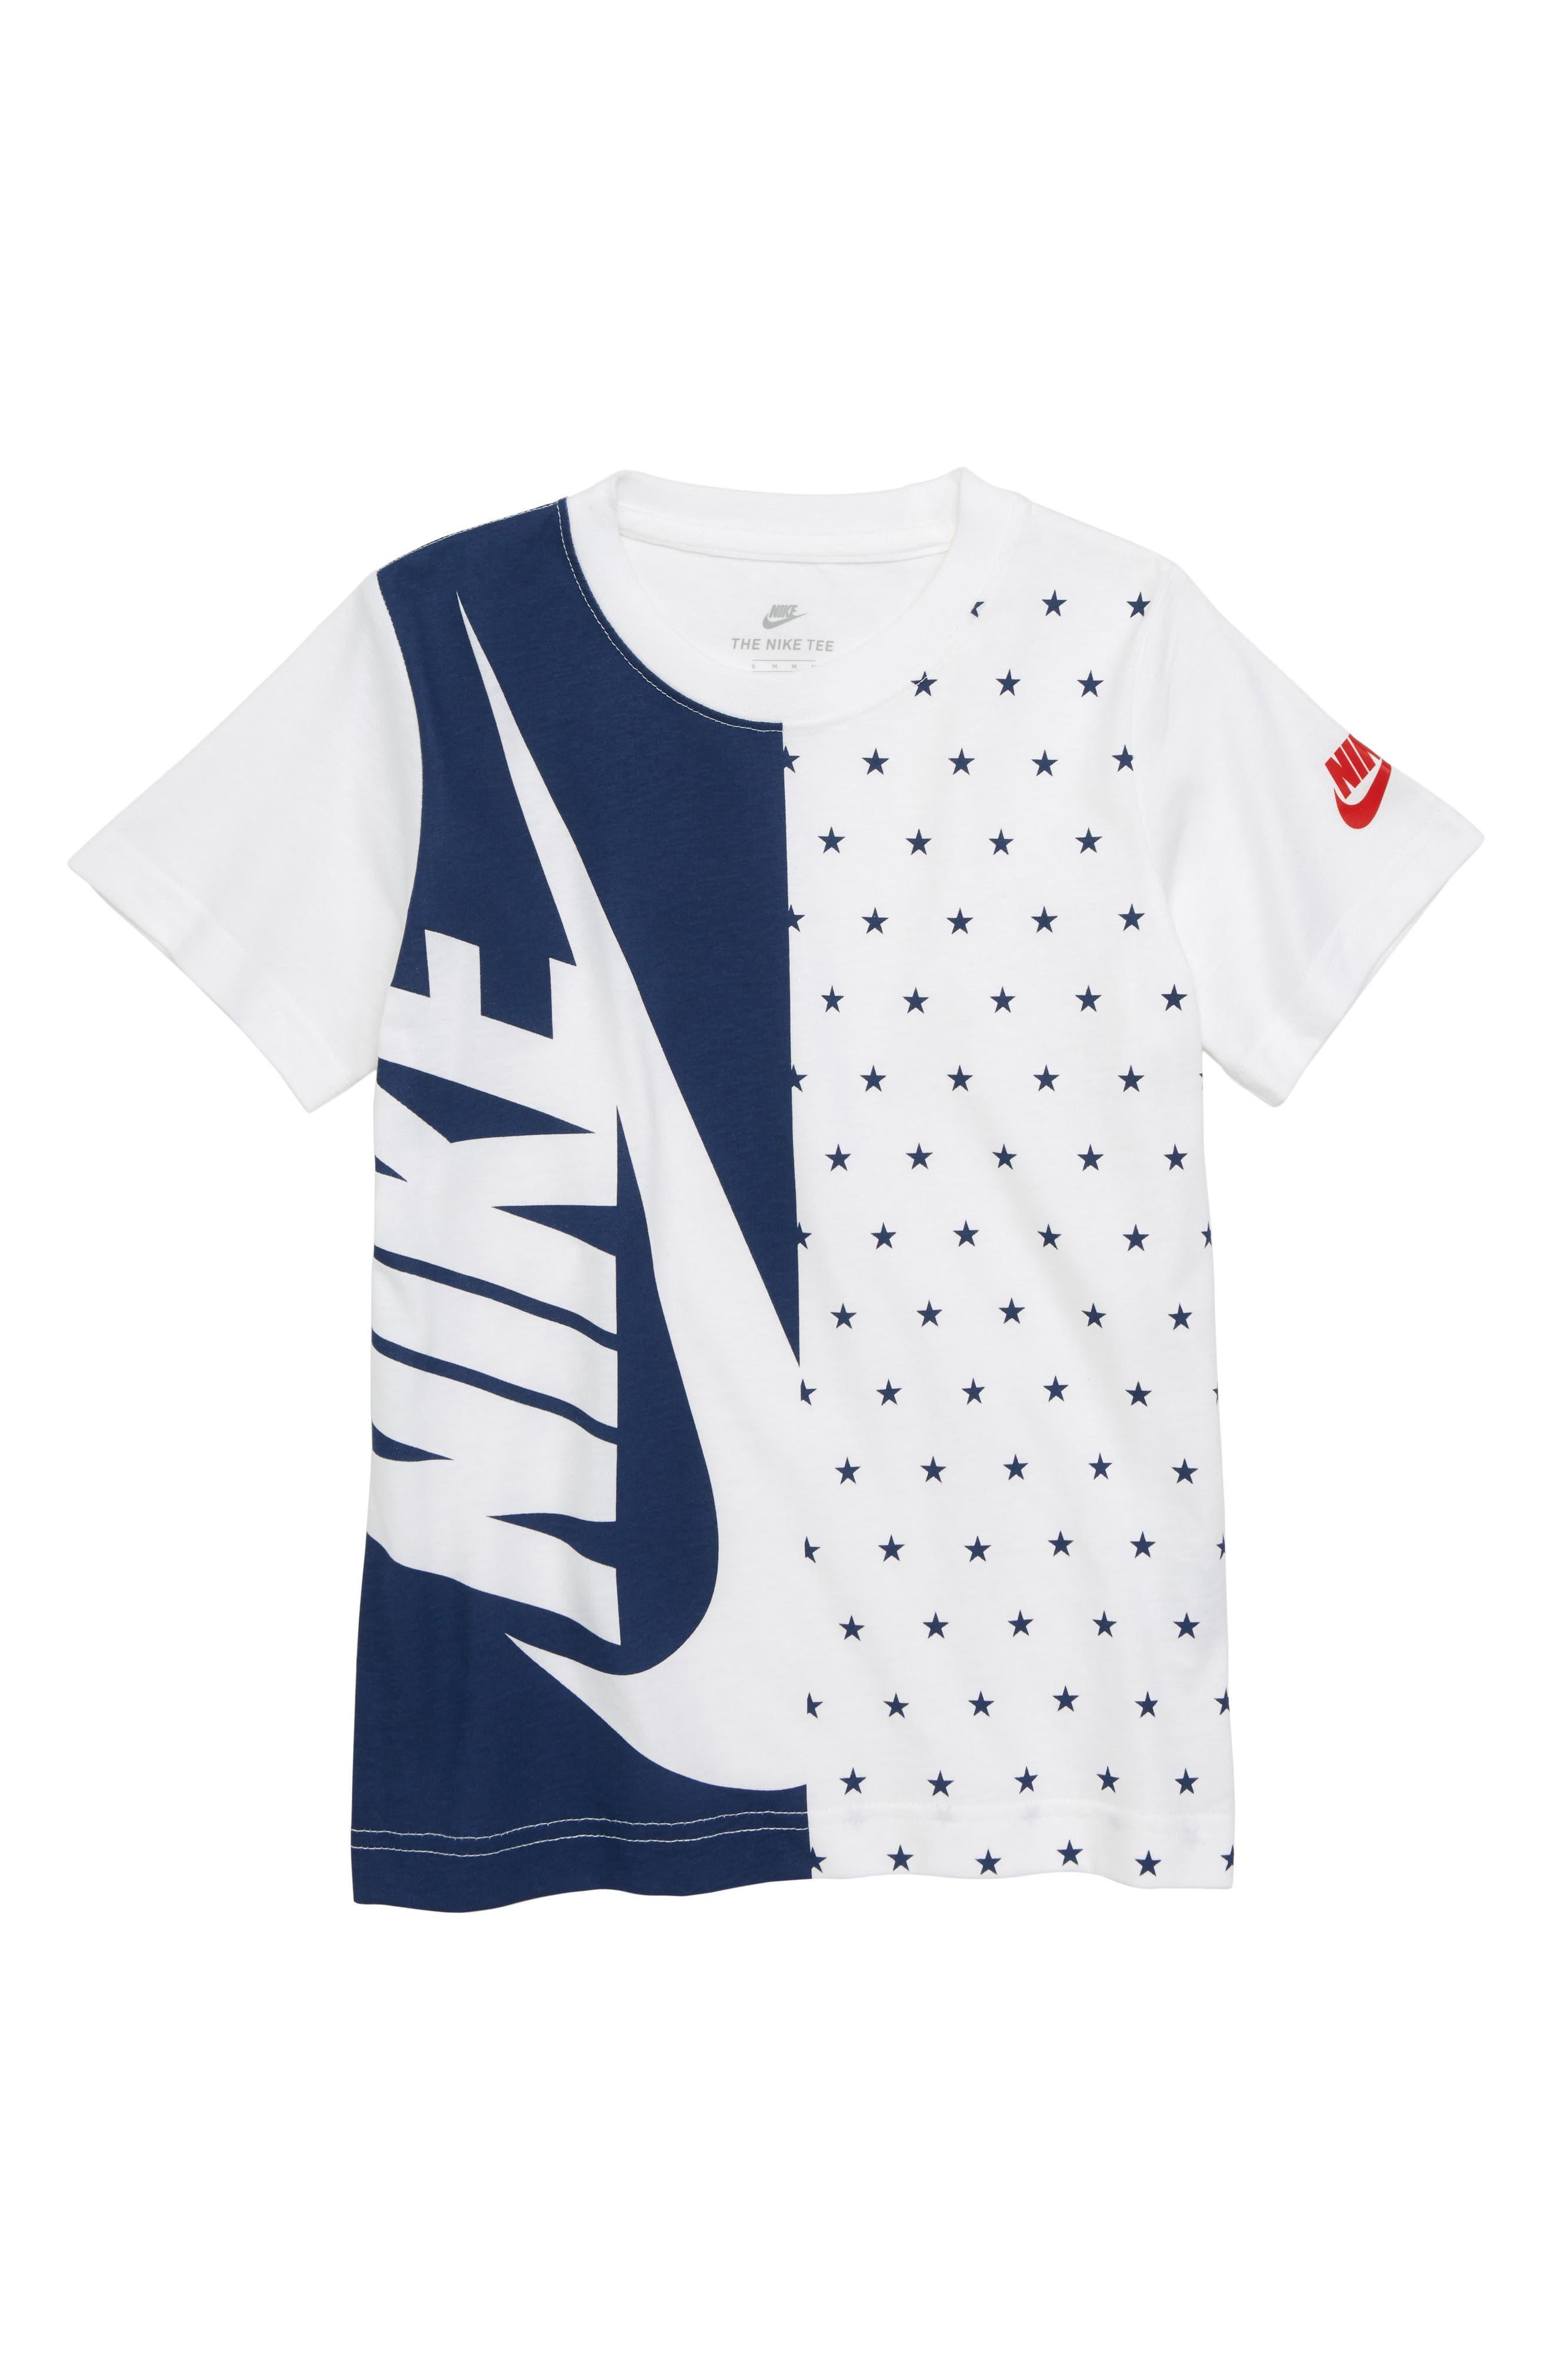 Split Futura Graphic T-Shirt,                             Main thumbnail 1, color,                             White/ Obsidian